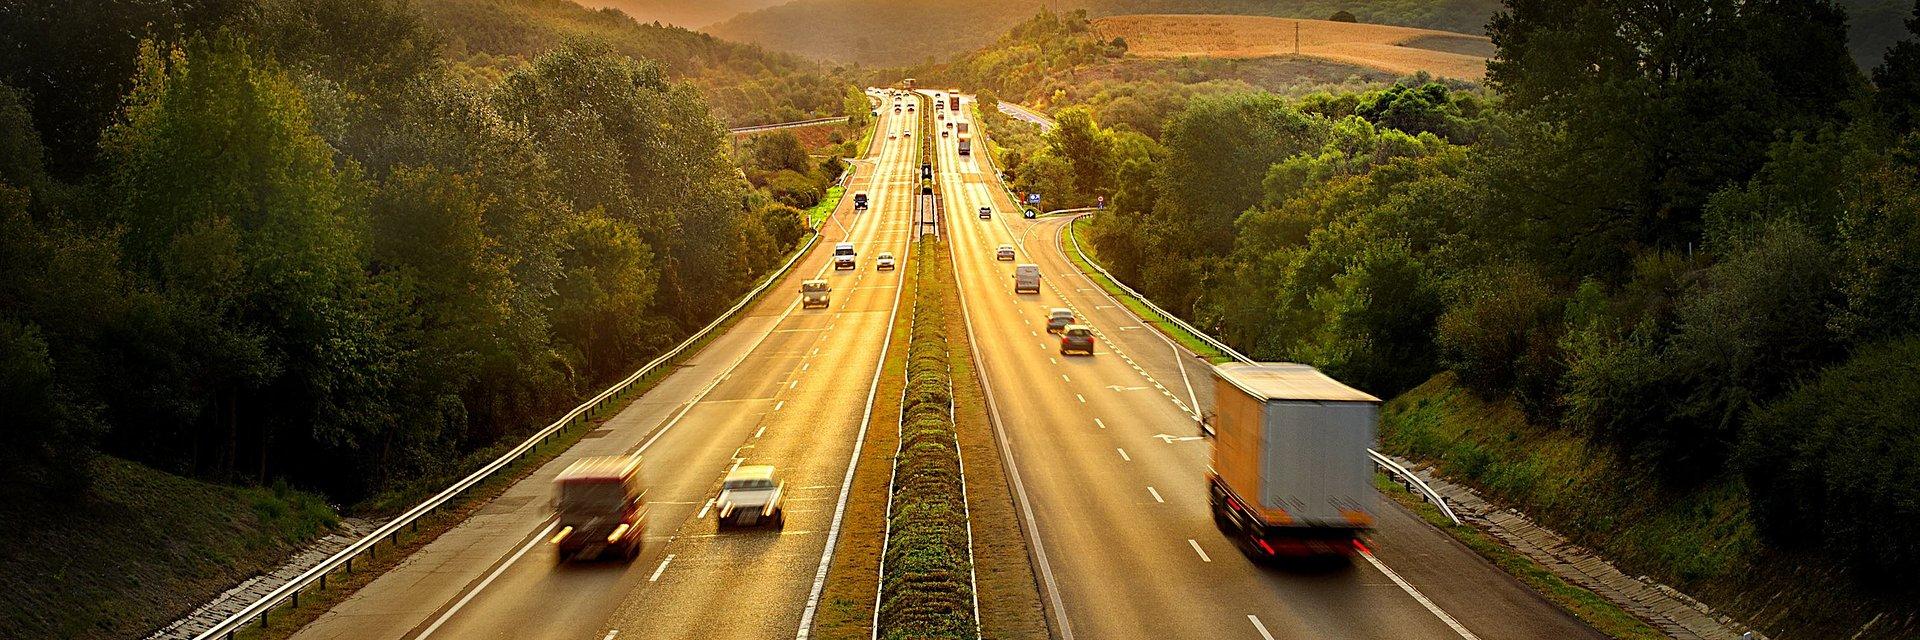 Mądrzej, taniej, szybciej i bardziej ekologicznie – jak telematyka napędza biznes transportowy?